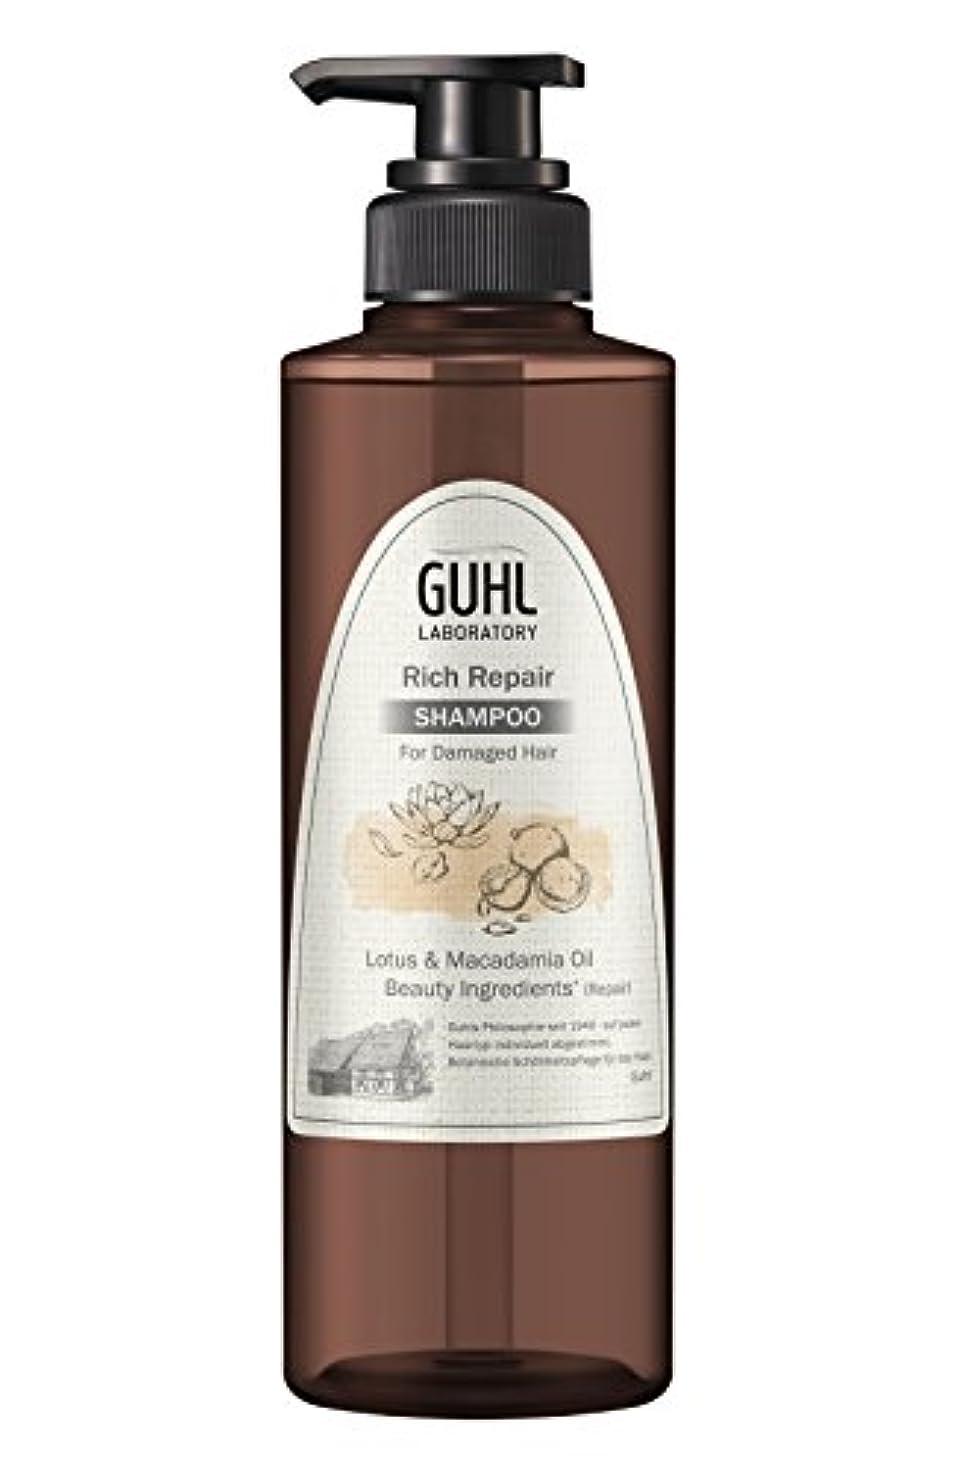 下ガジュマルガジュマルグール ラボラトリー シャンプー (ダメージのある髪へ) 植物美容 ヘアケア [ノンシリコン 処方] リッチリペア 430ml